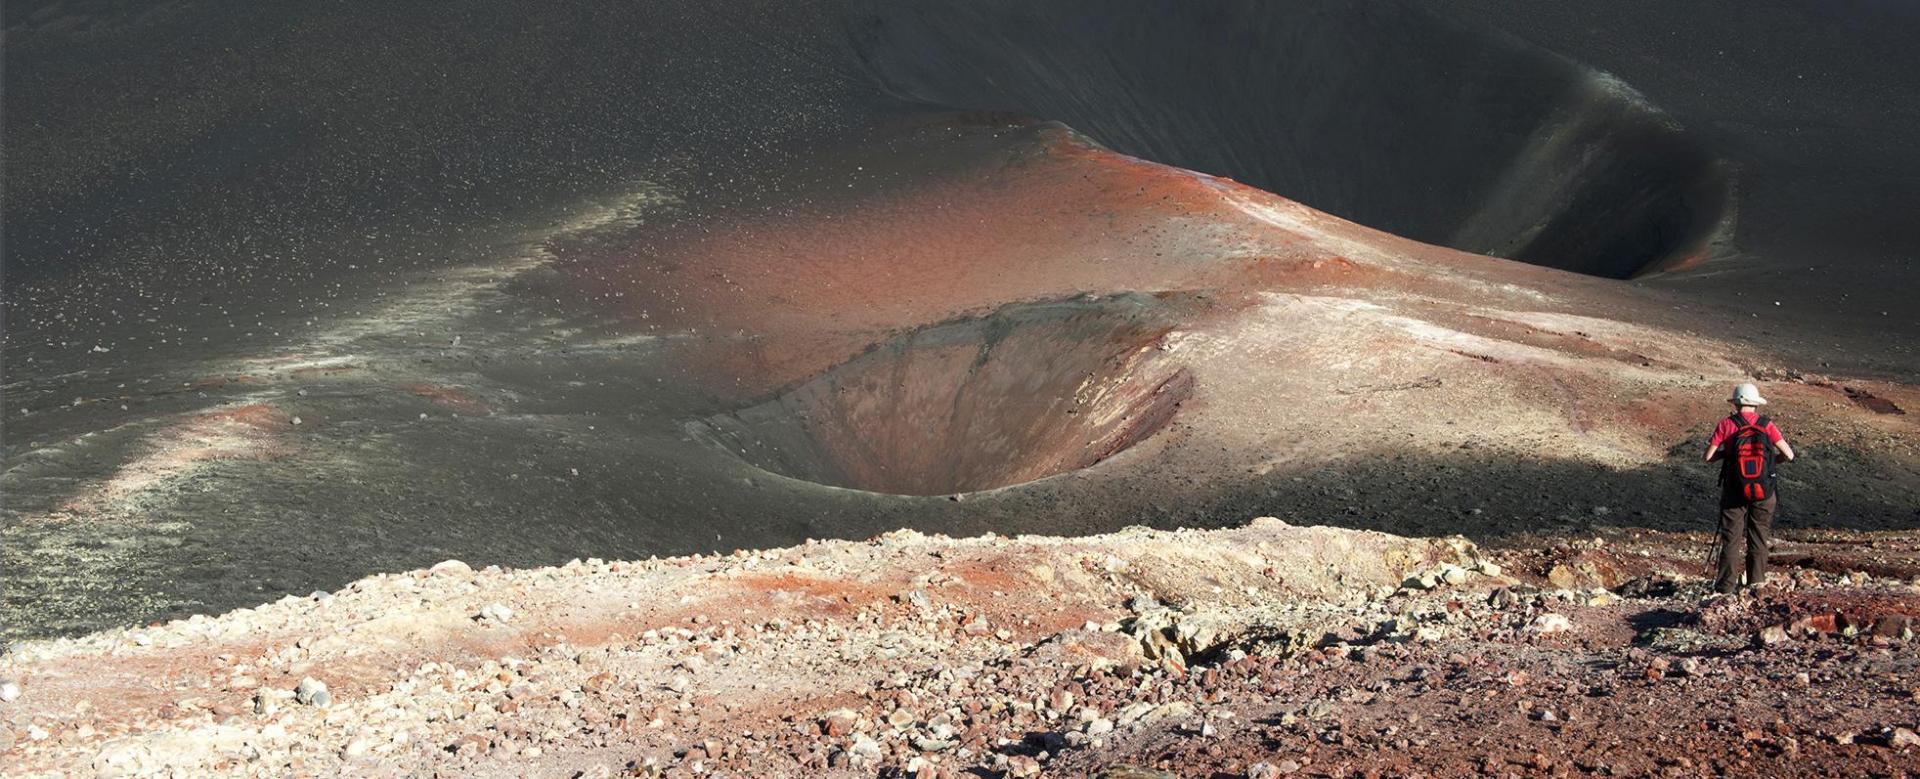 Voyage à pied : Santo antão et volcan de fogo